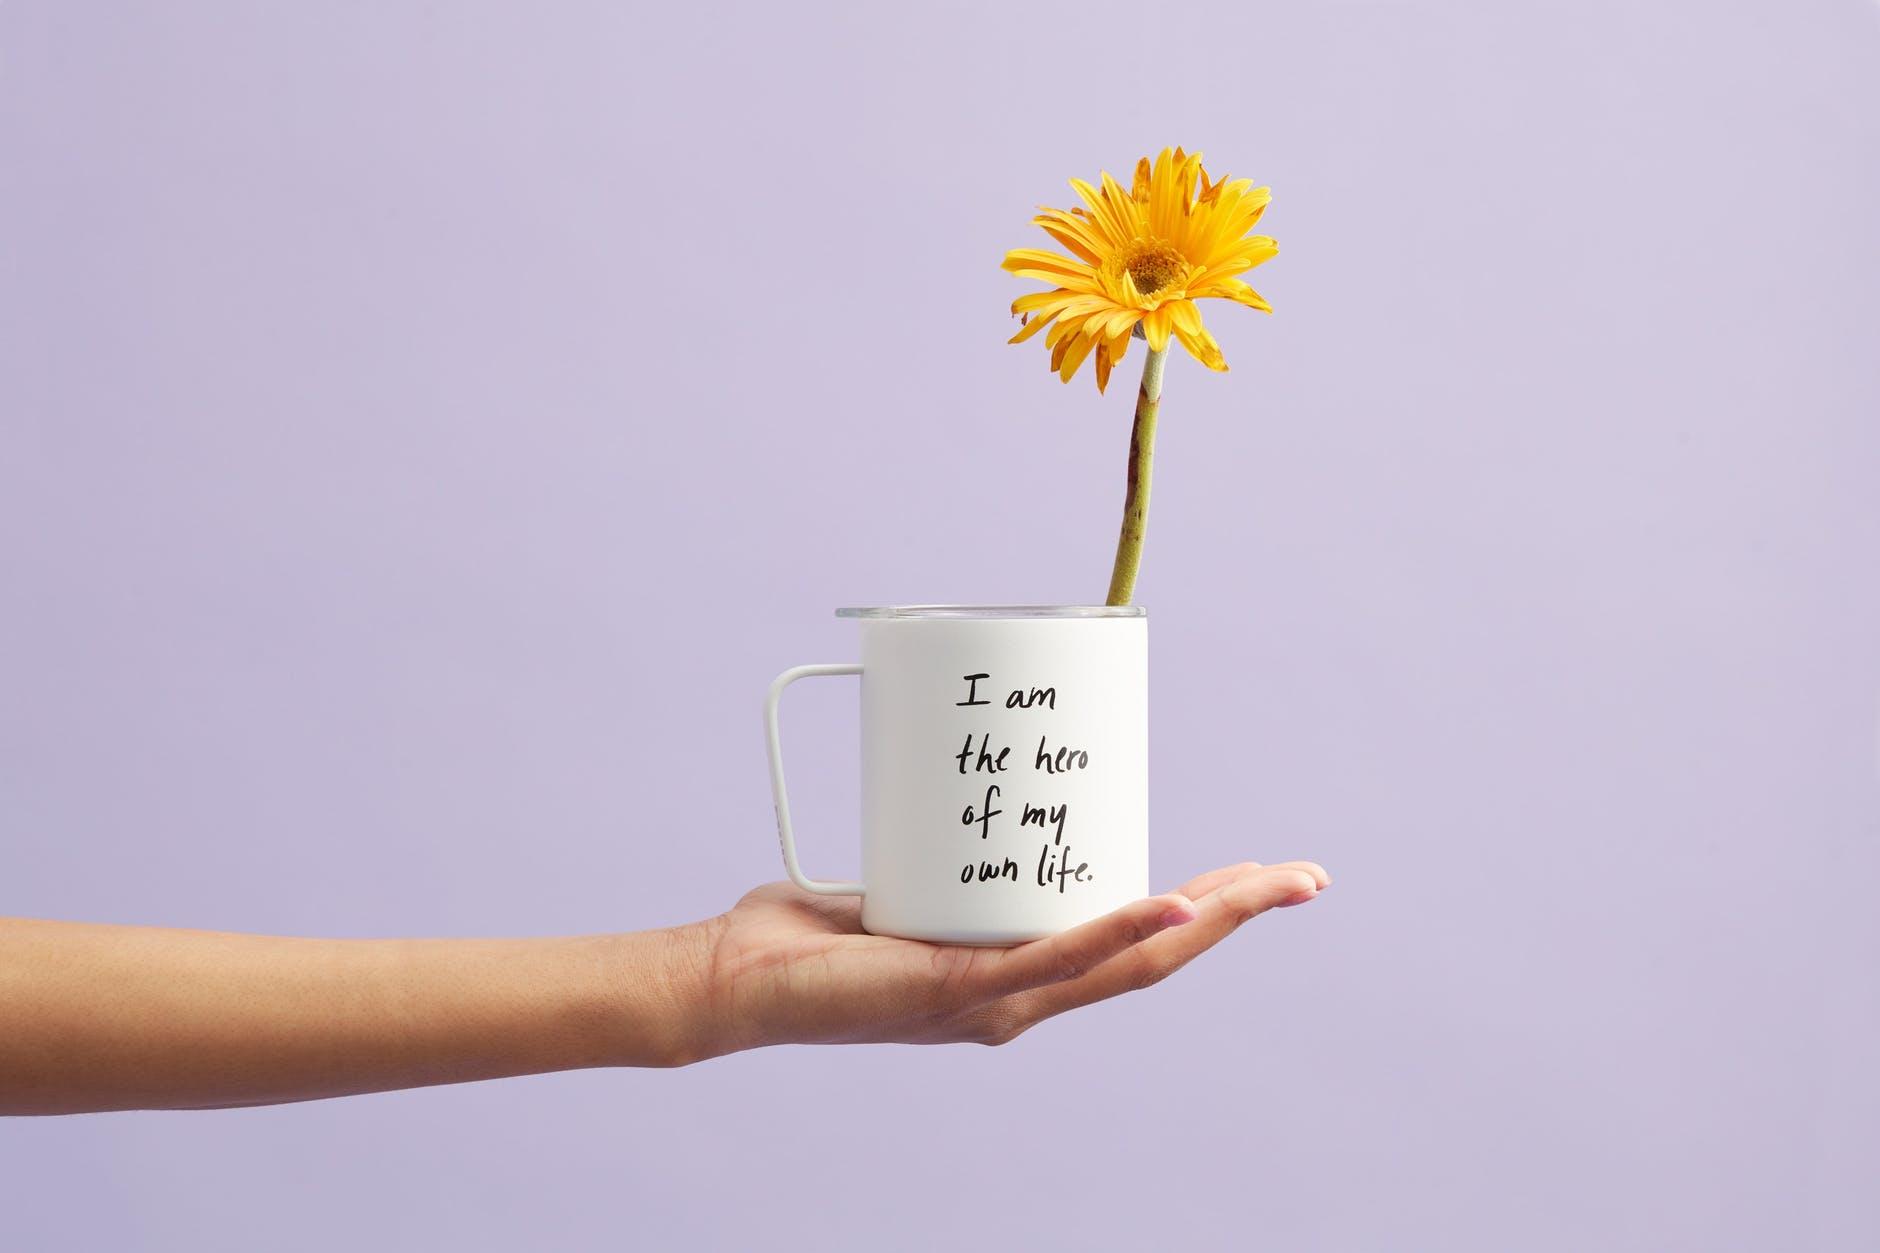 yellow petaled flower in white mug